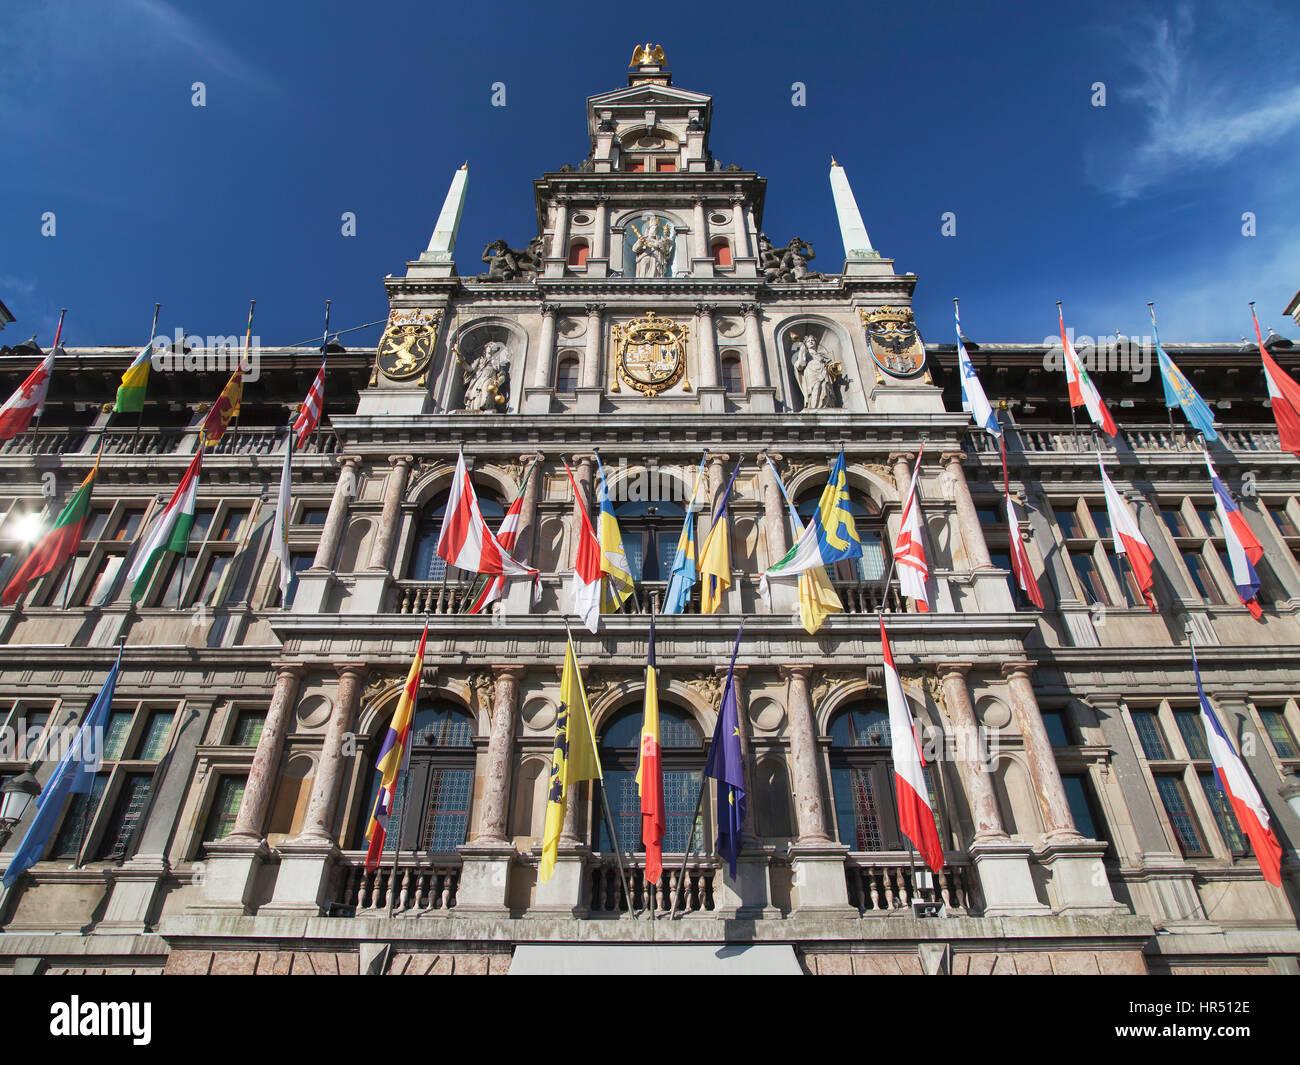 City Hall of Antwerp, Belgium. Stock Photo